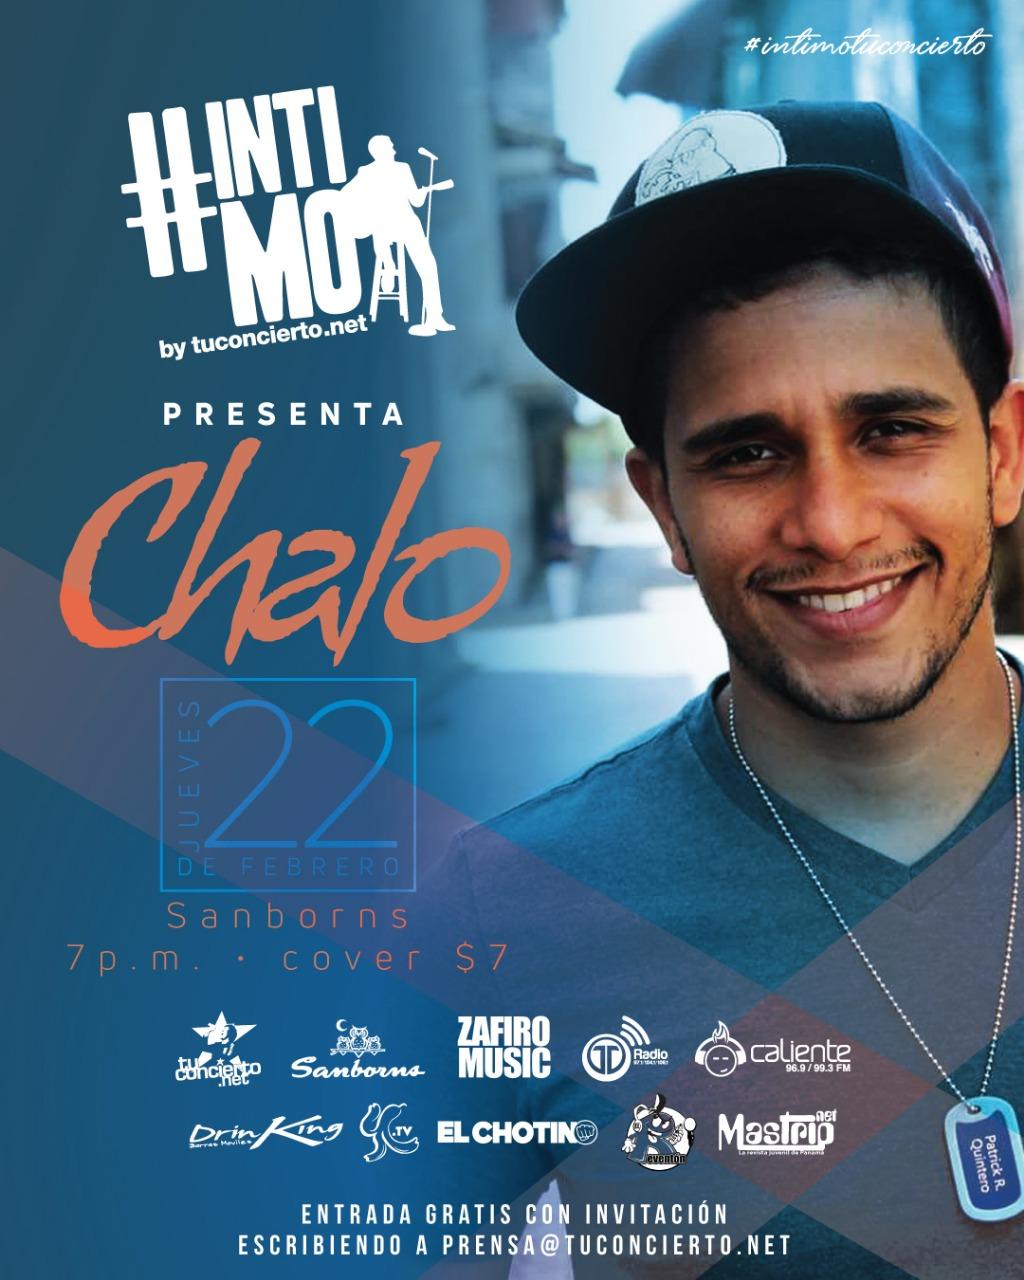 Photo of Esta noche #IntimoTuconcierto con Chalo Panamá